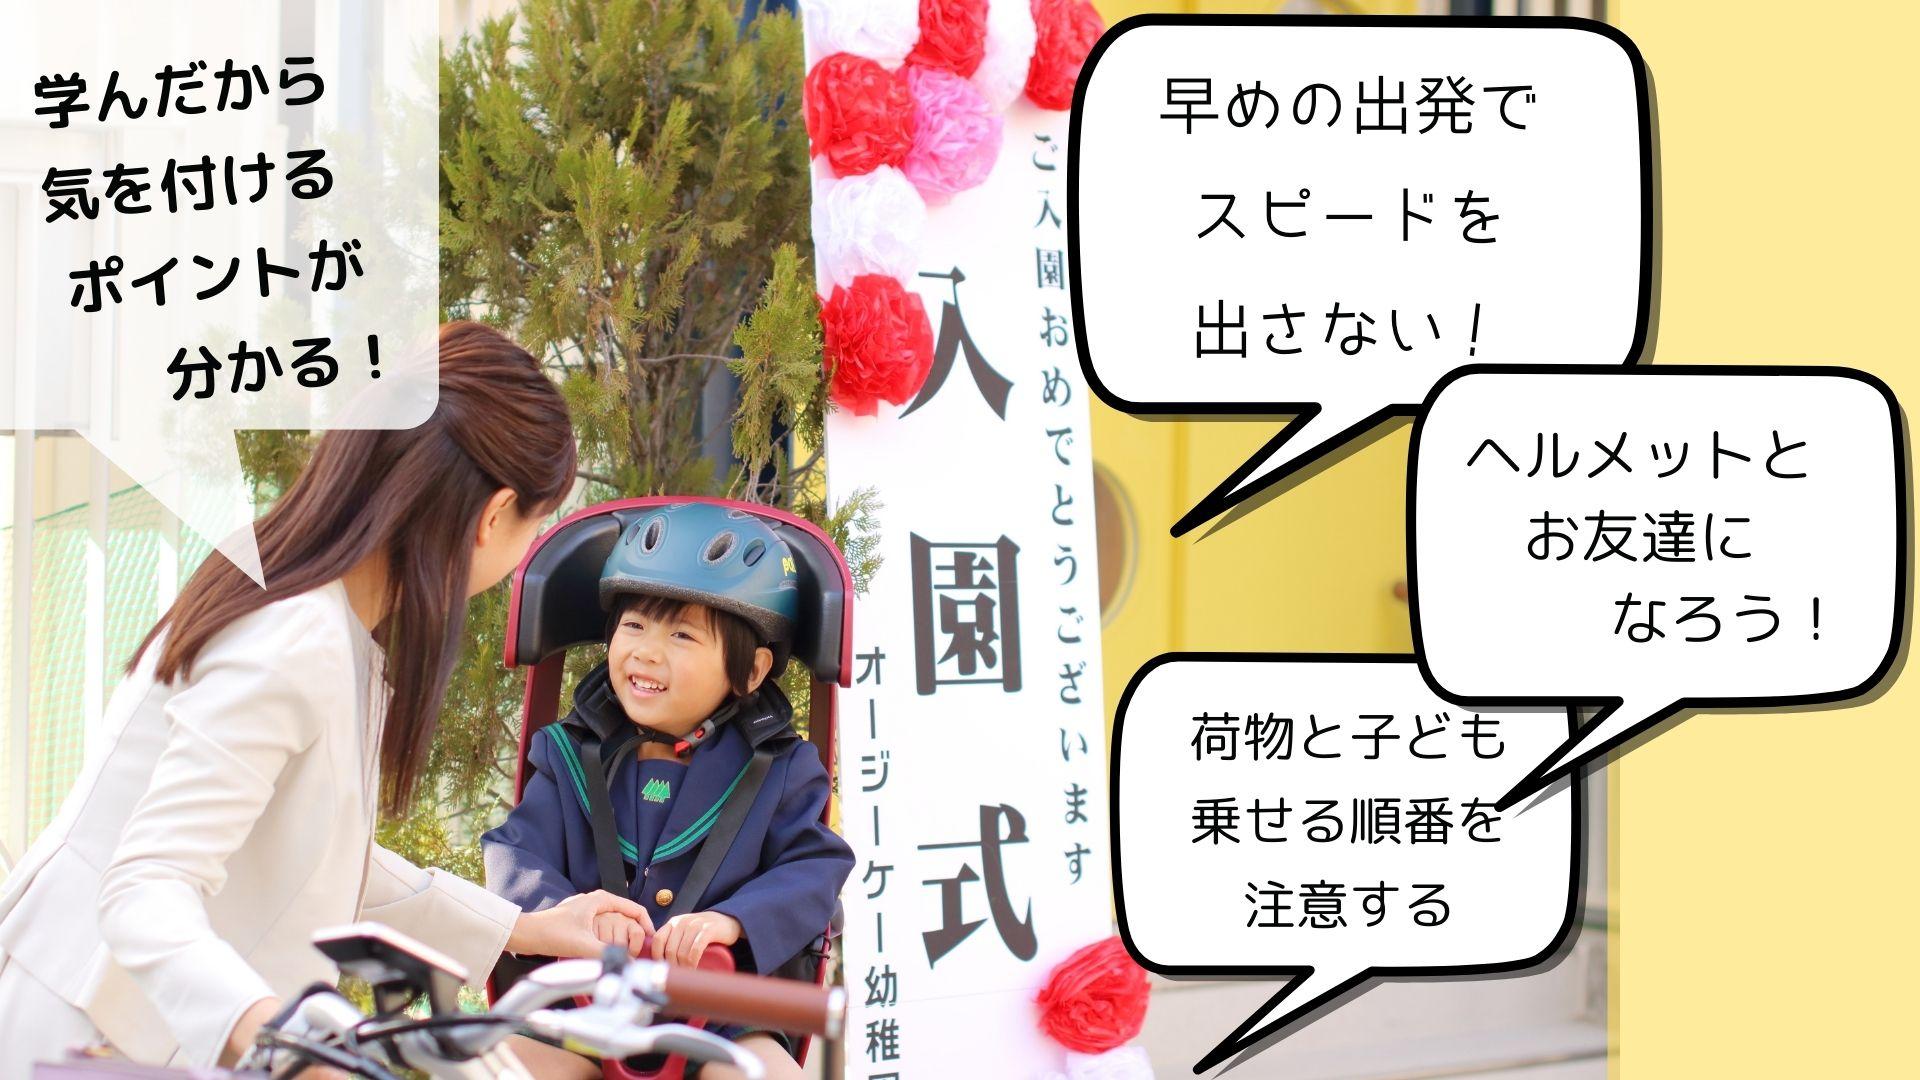 【無料&参加者募集】保護者向け自転車安全運転教室~おやこじてんしゃ安全運転アンバサダーになろう!~親になったらもう一度自転車を学ぼう~